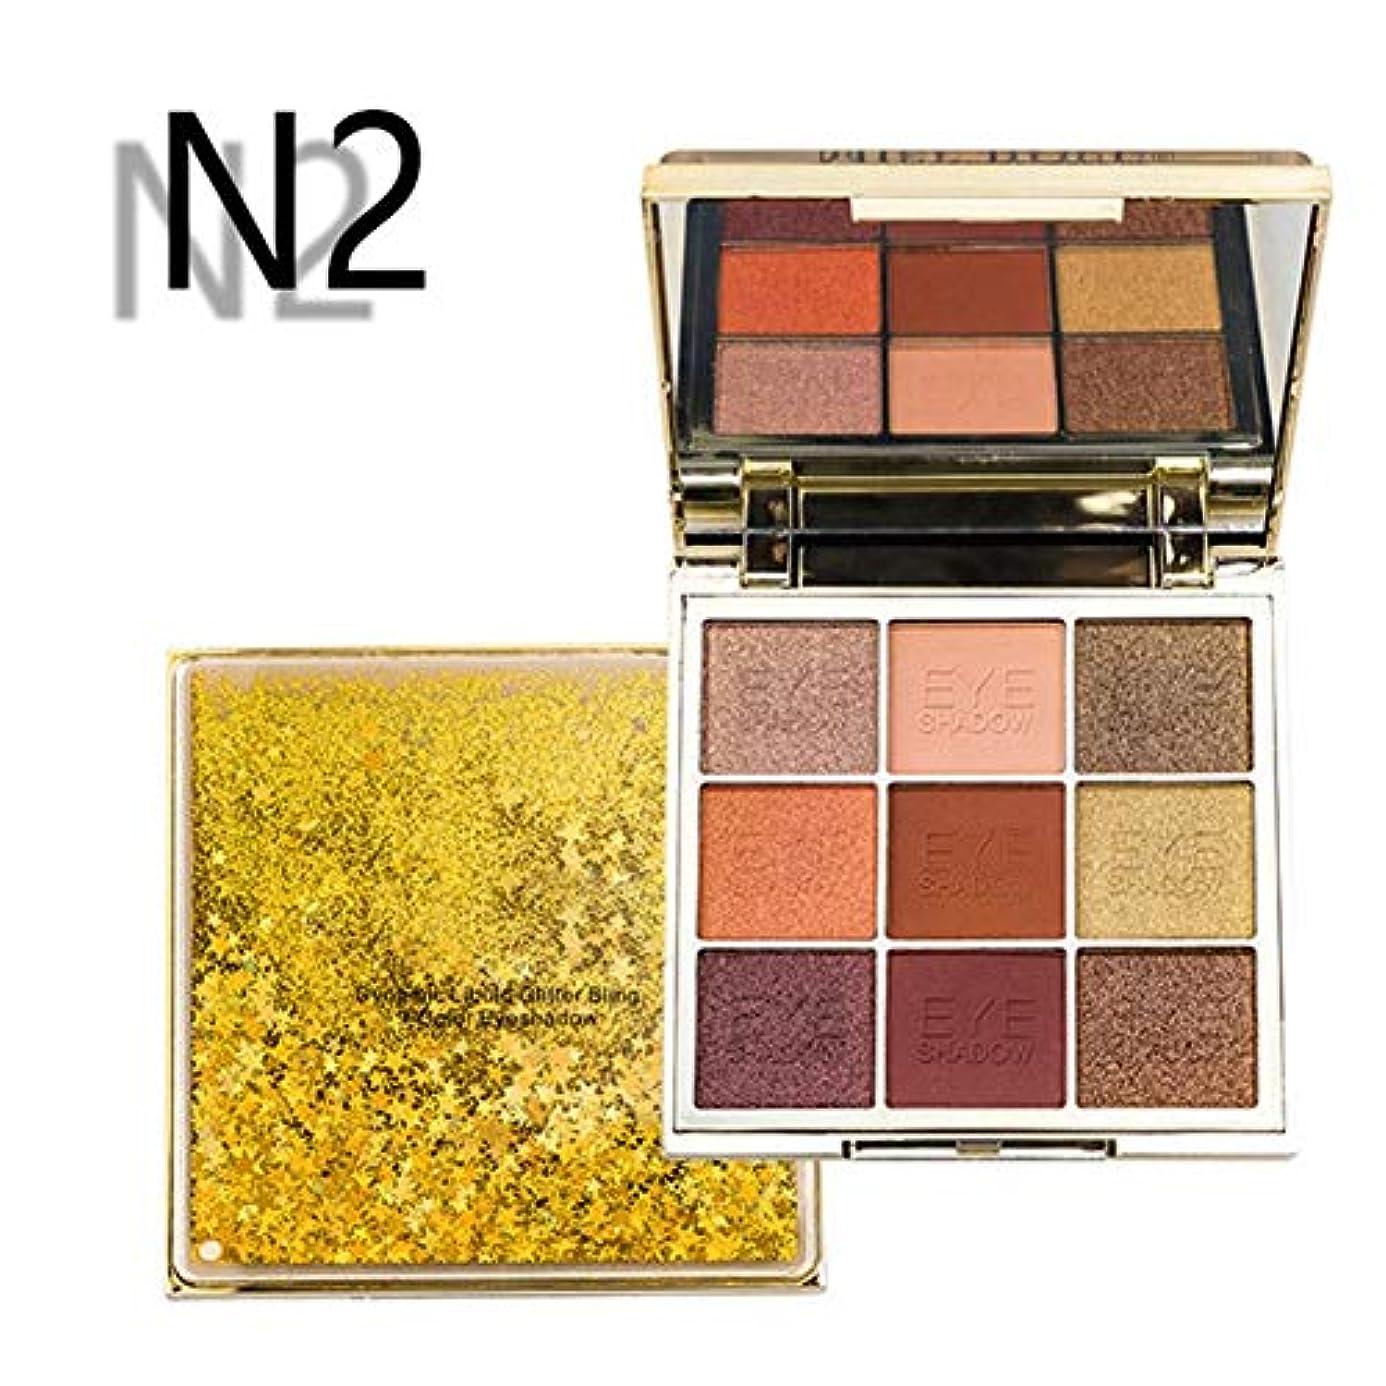 鮮やかな明るくするブラウス9色 マットアイシャドウパレット 簡単に適用 アイシャドウ化粧品パウダー(02)